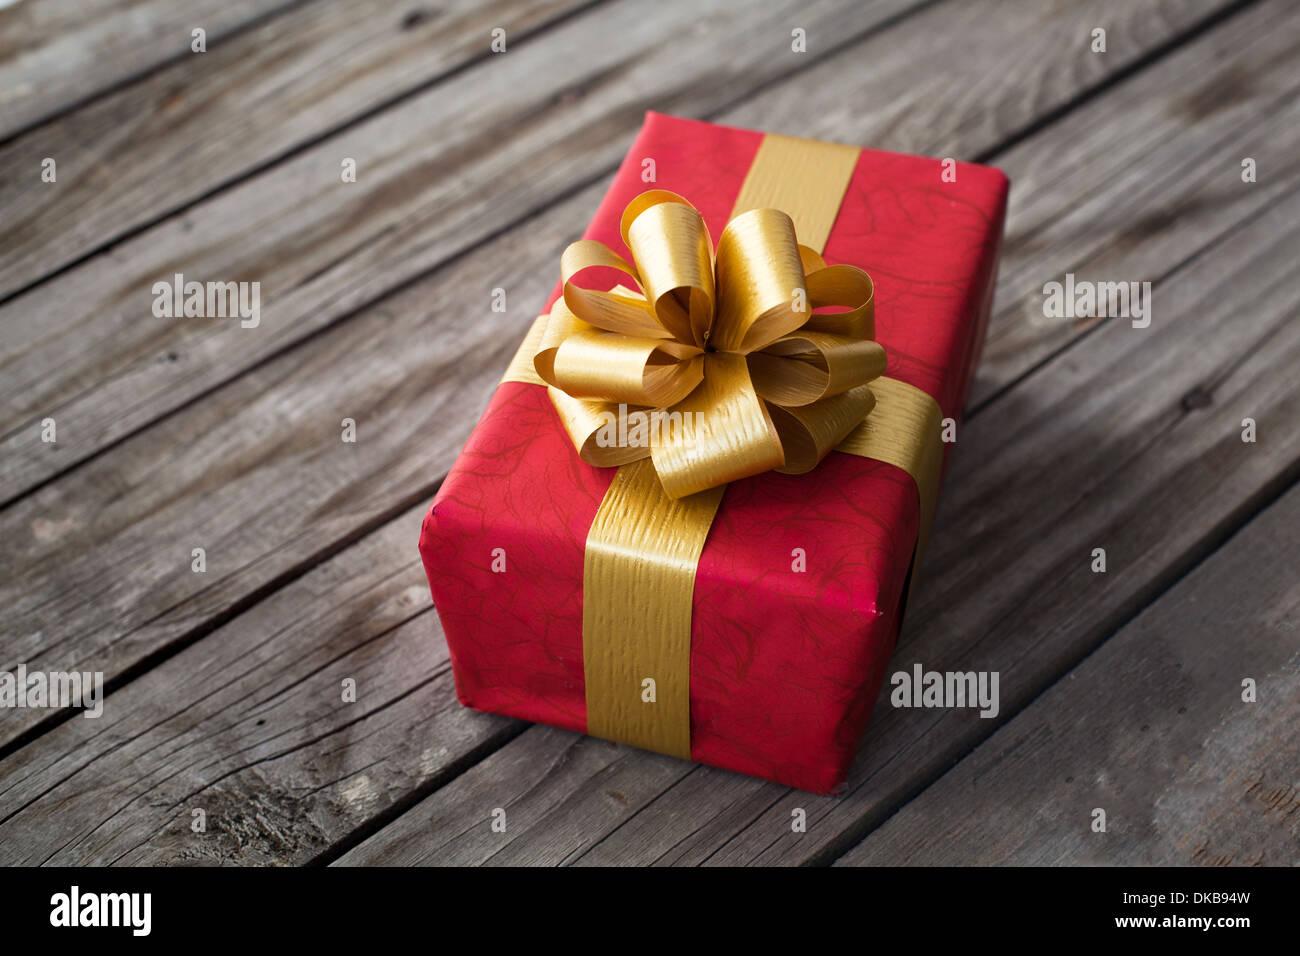 Valentines Geschenk Stockfotos & Valentines Geschenk Bilder - Alamy